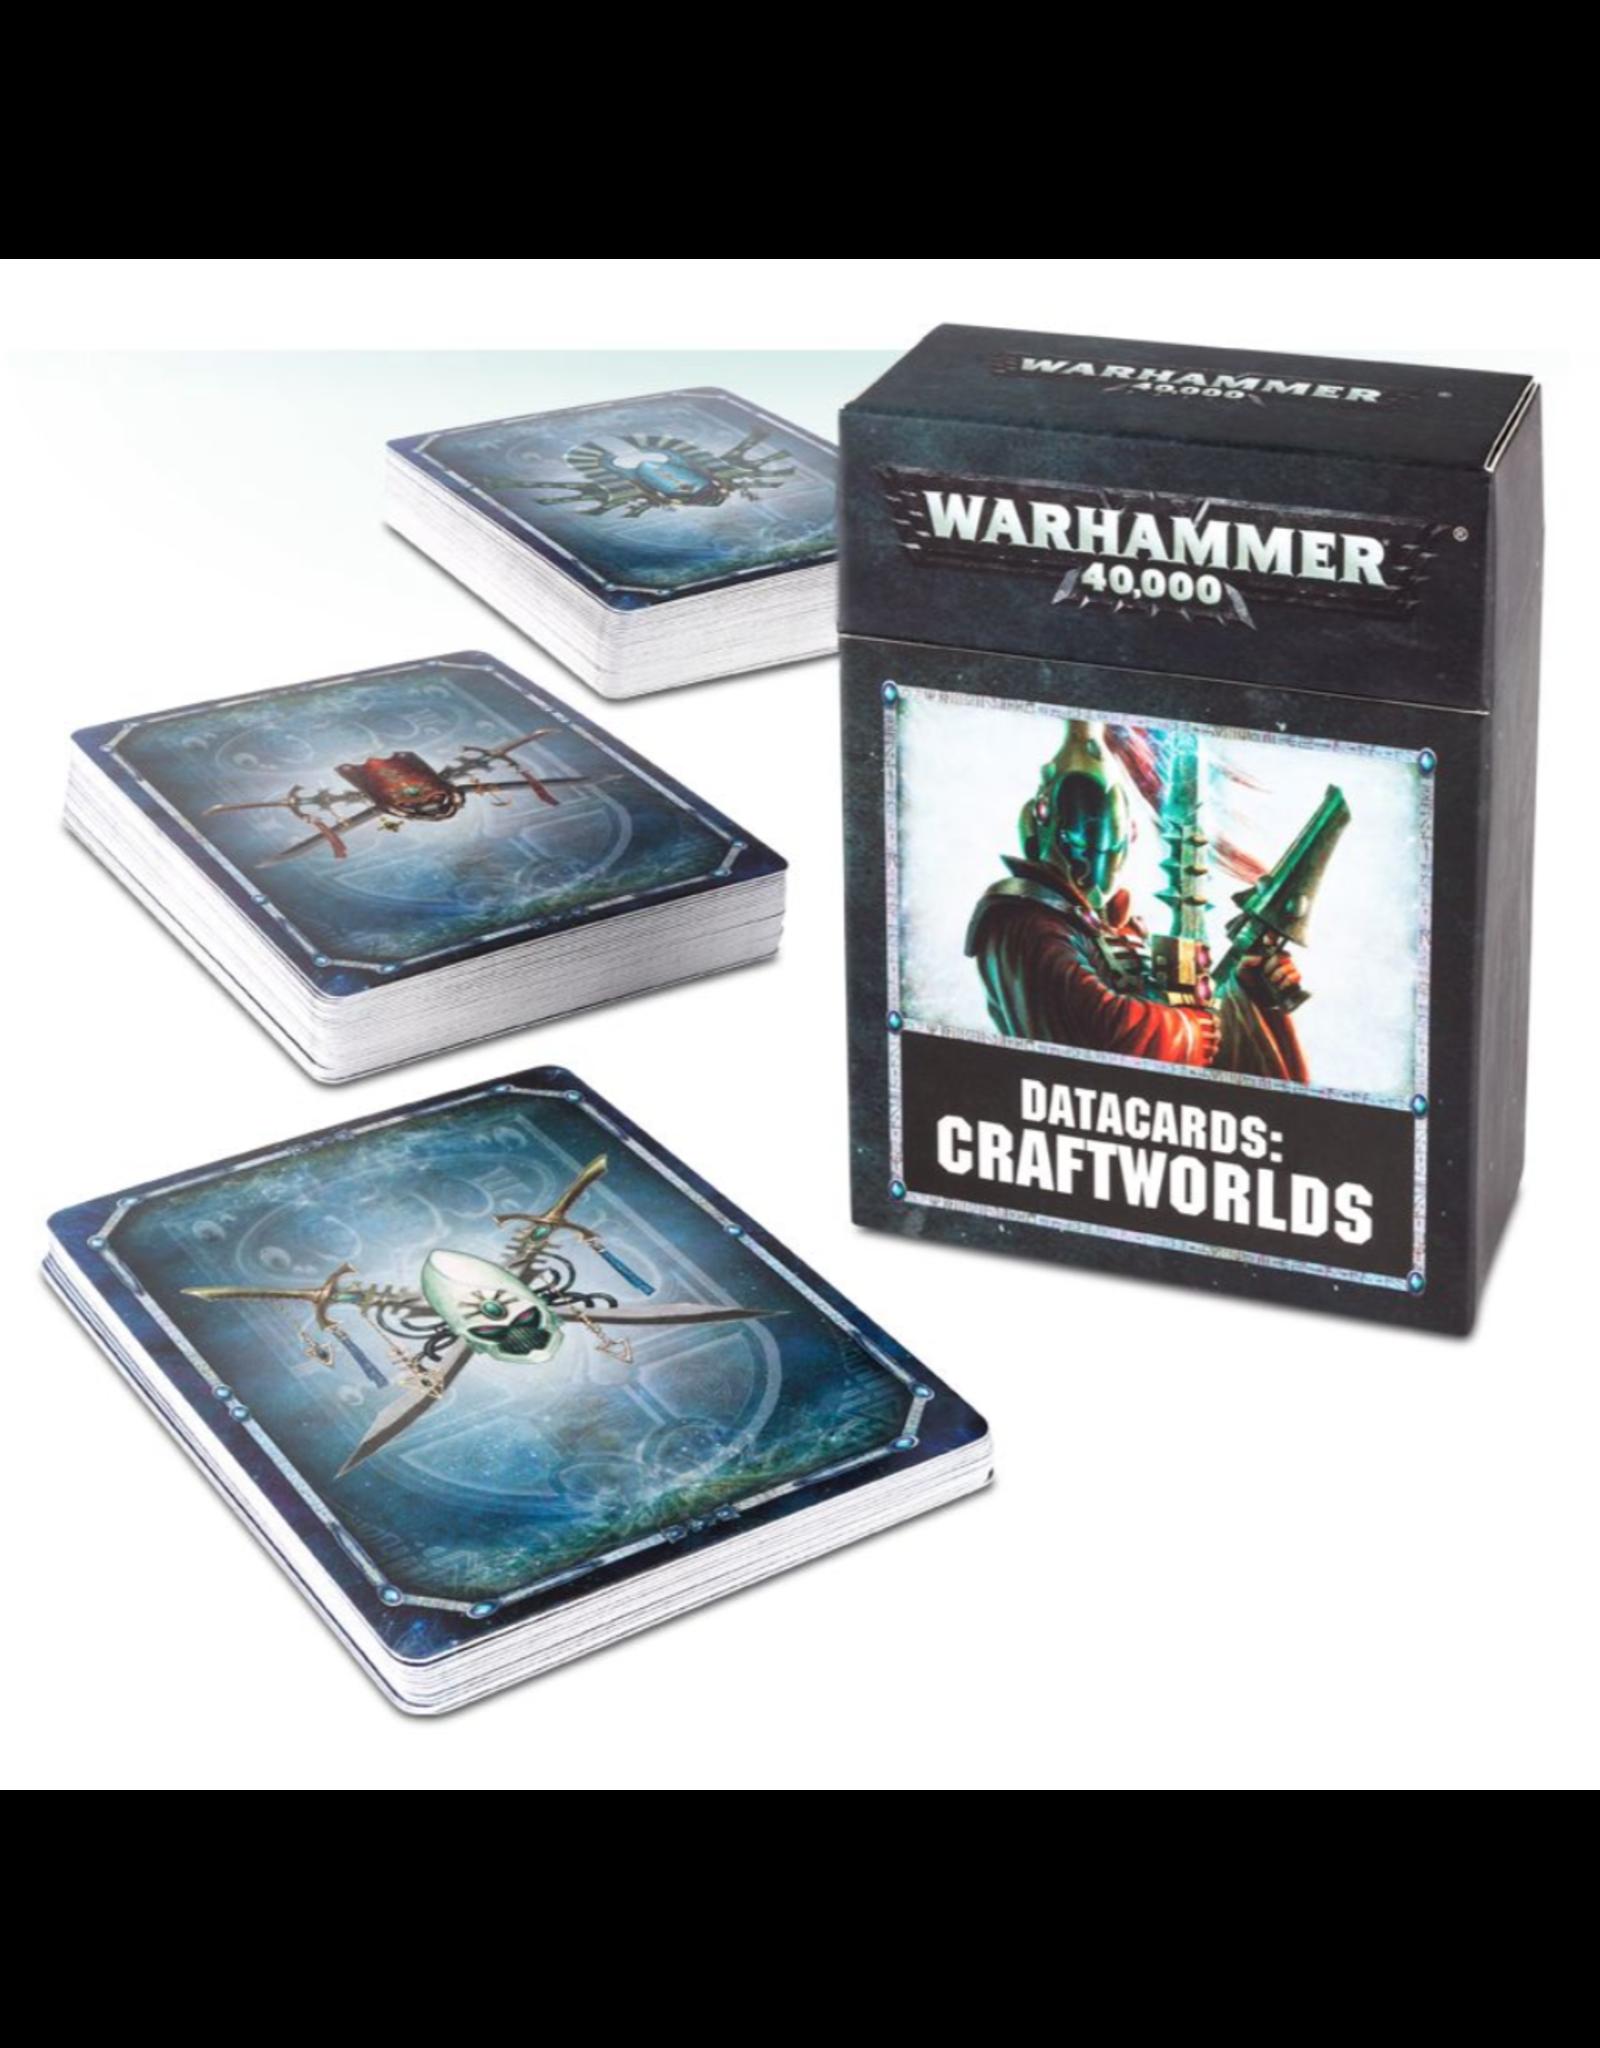 Warhammer 40K Datacards: Craftworlds